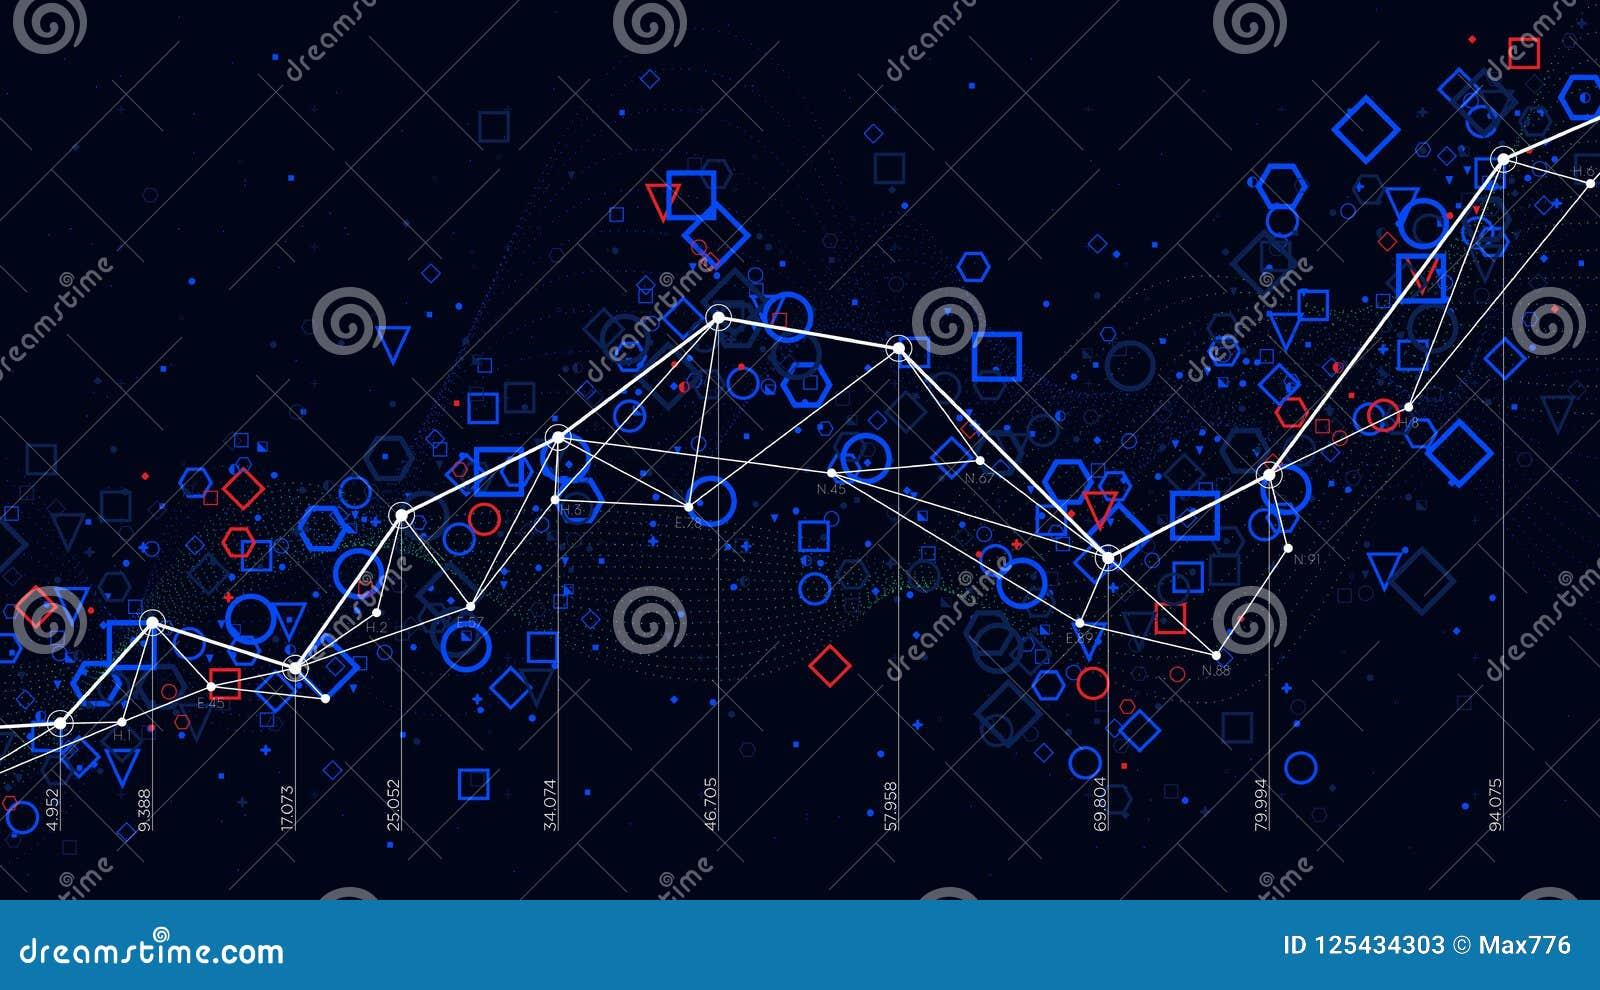 Abstrakte futuristische infographic, große Daten der Wirtschaftsstatistik stellen Sichtbarmachung grafisch dar